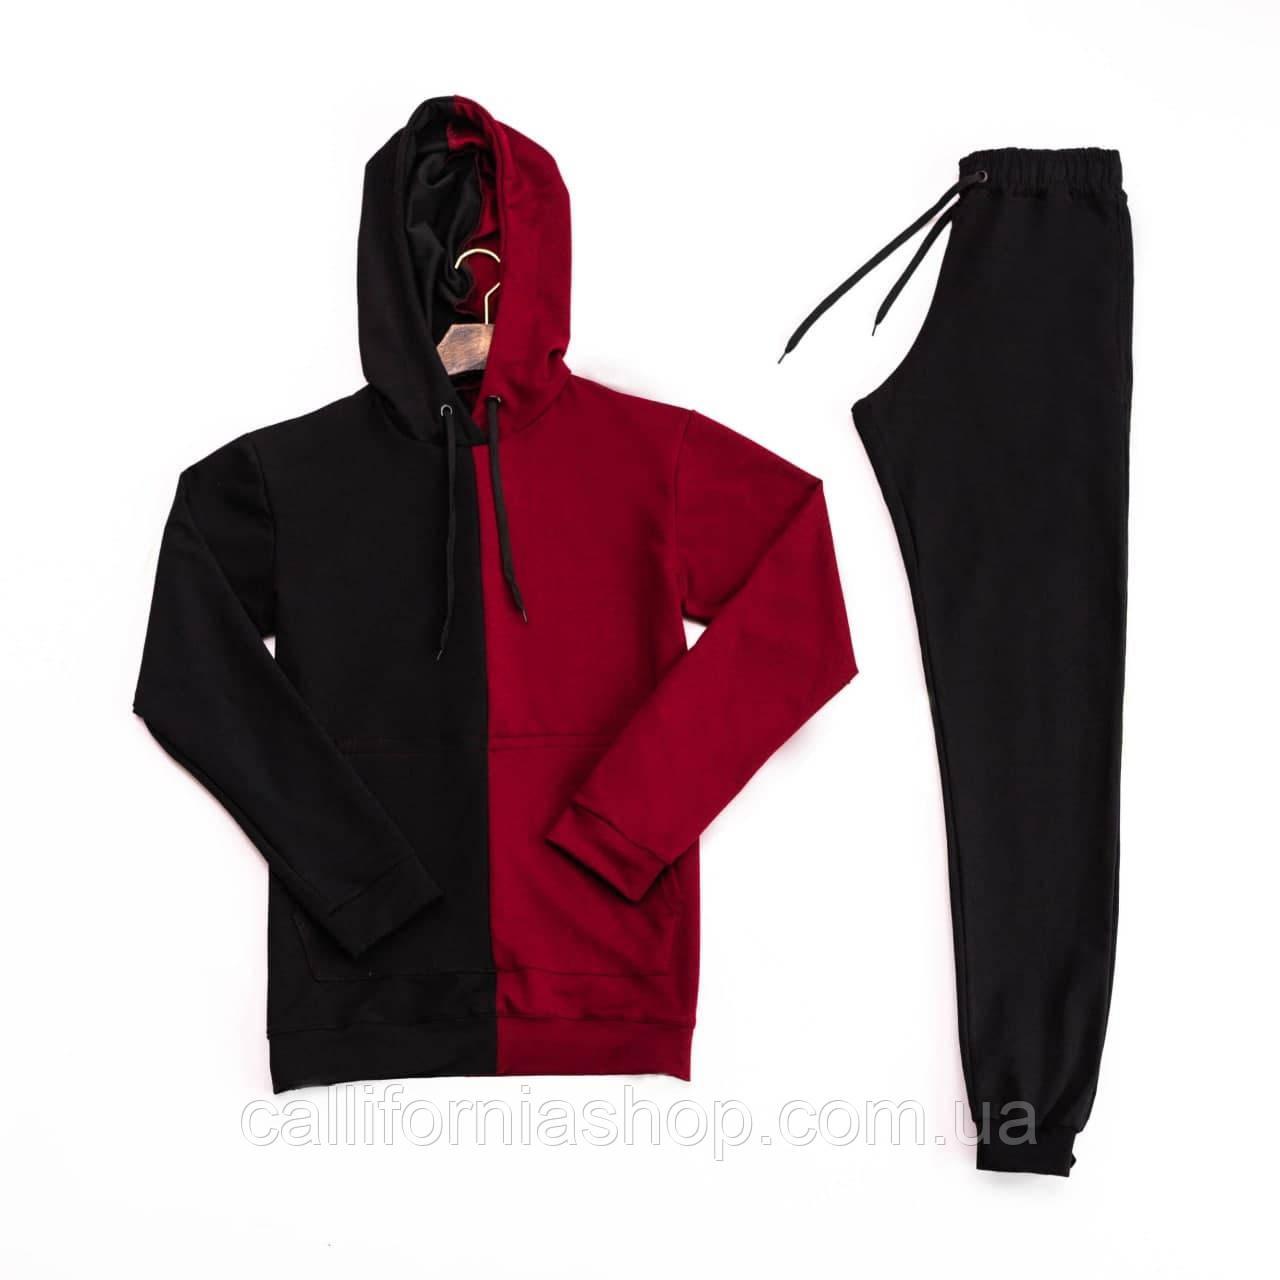 Спортивный костюм мужской штаны и худи черно-красного цвета